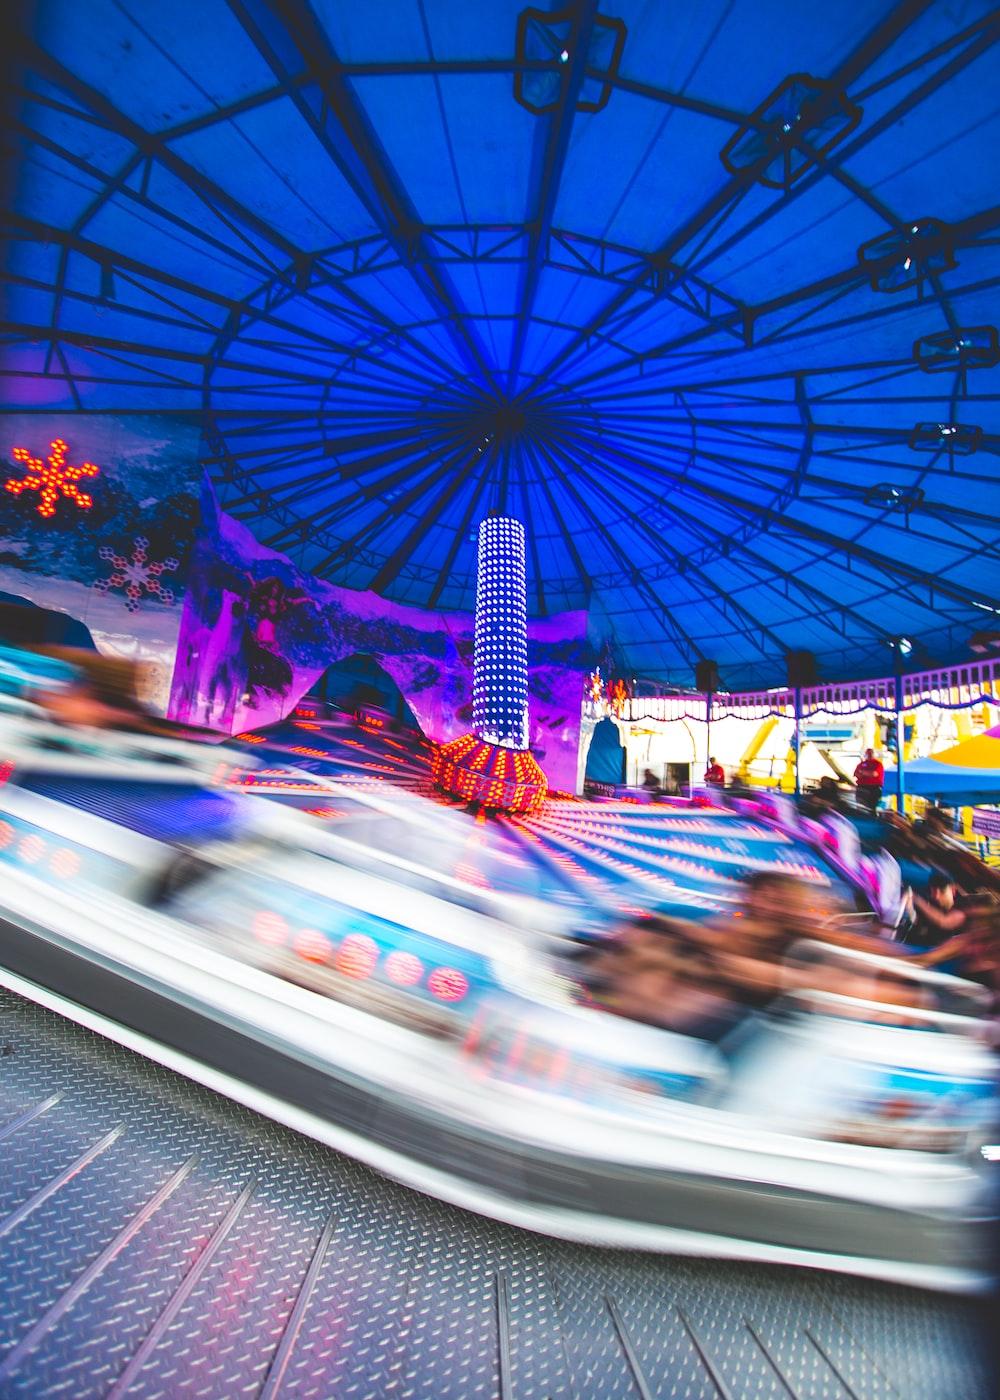 people riding carousel during daytime